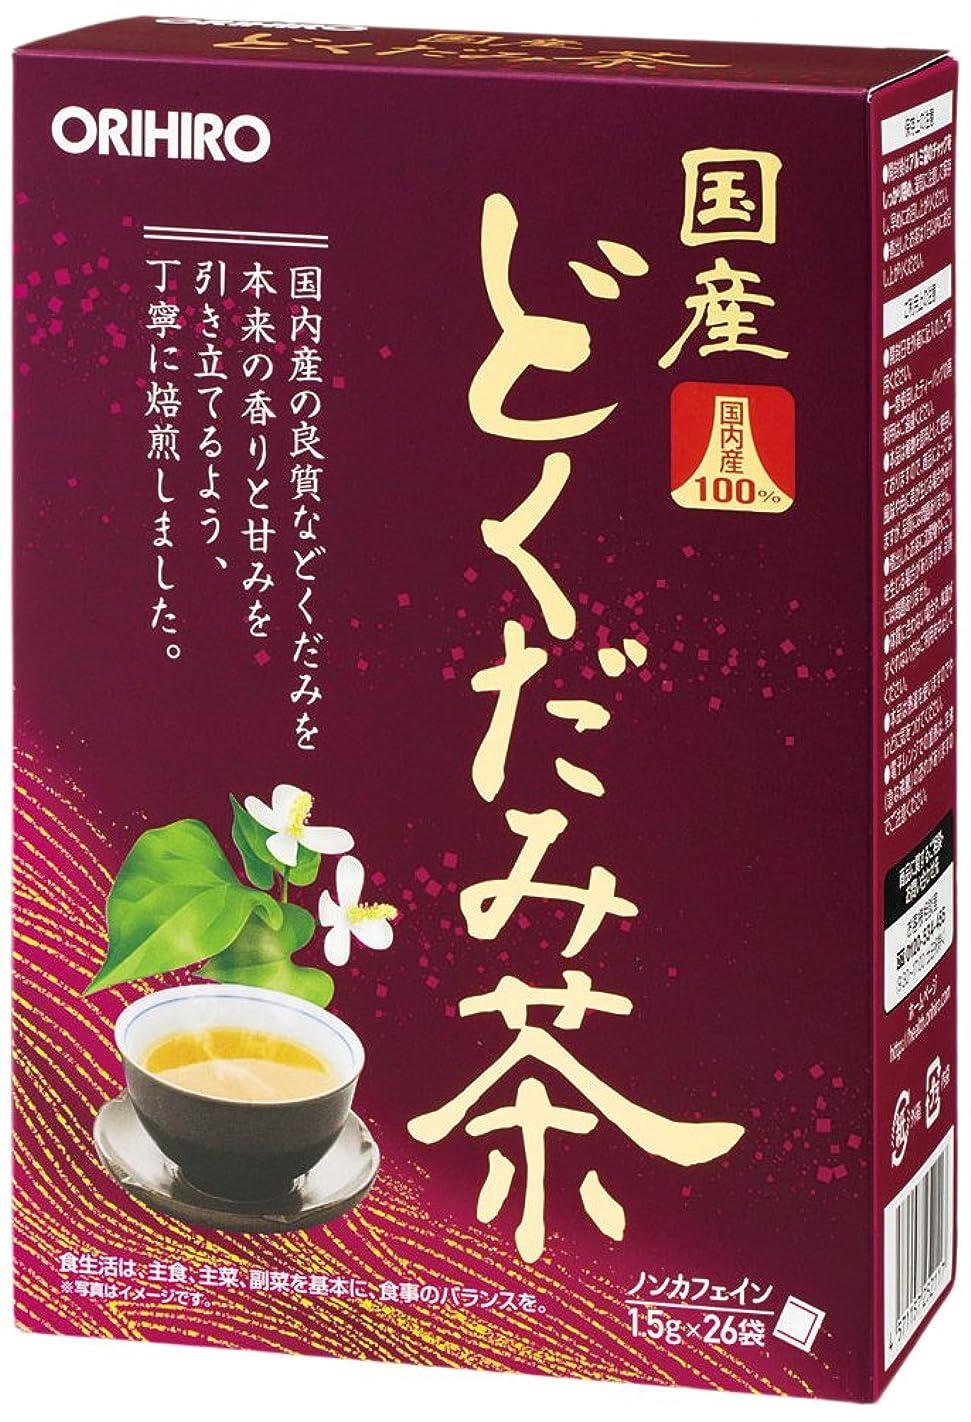 詳細にチラチラする終わりオリヒロ 国産どくだみ茶 1.5g×26袋